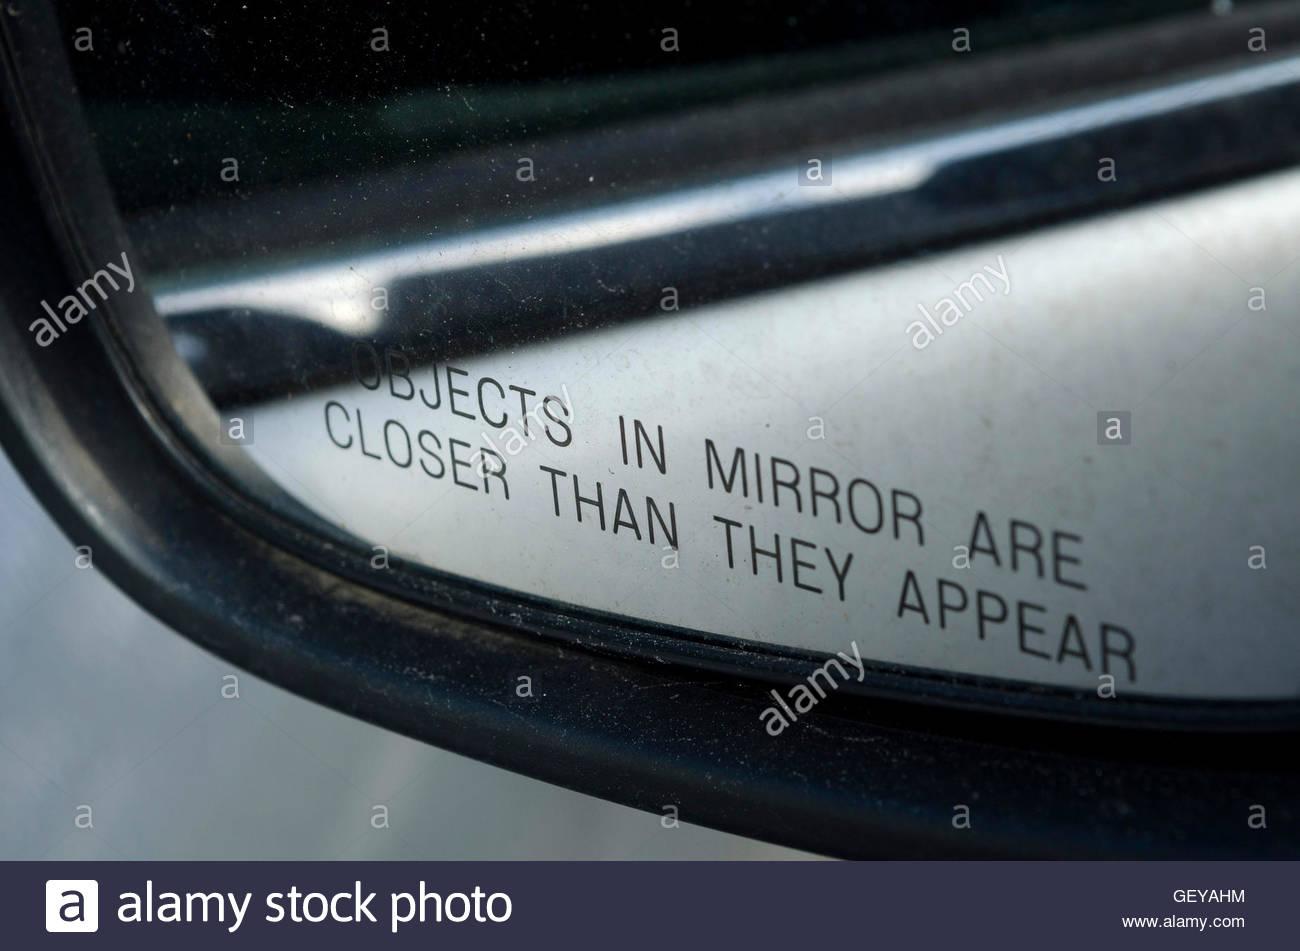 avvertenza-su-automobile-specchio-retrovisore-esterno-geyahm.jpg